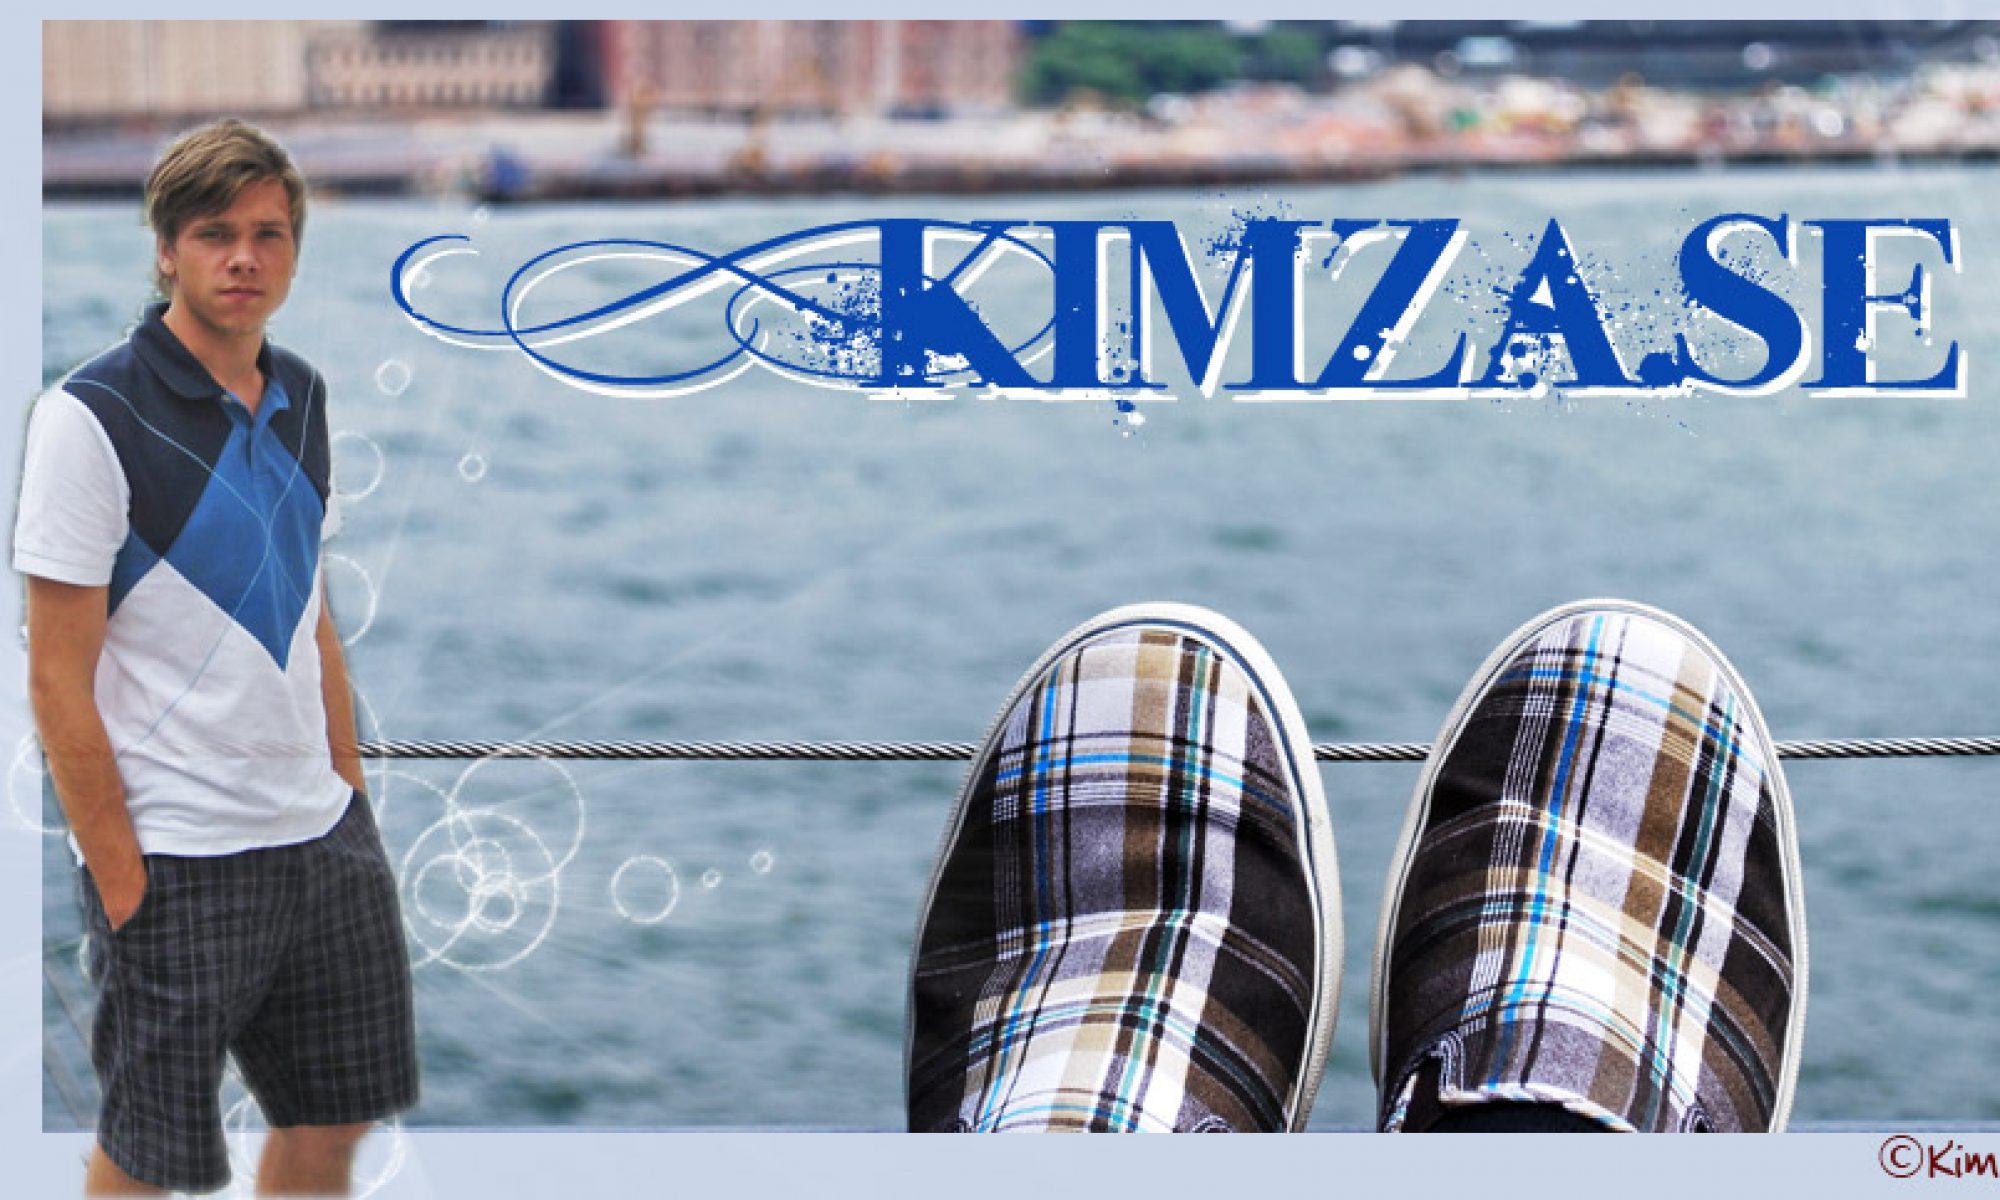 Kimza